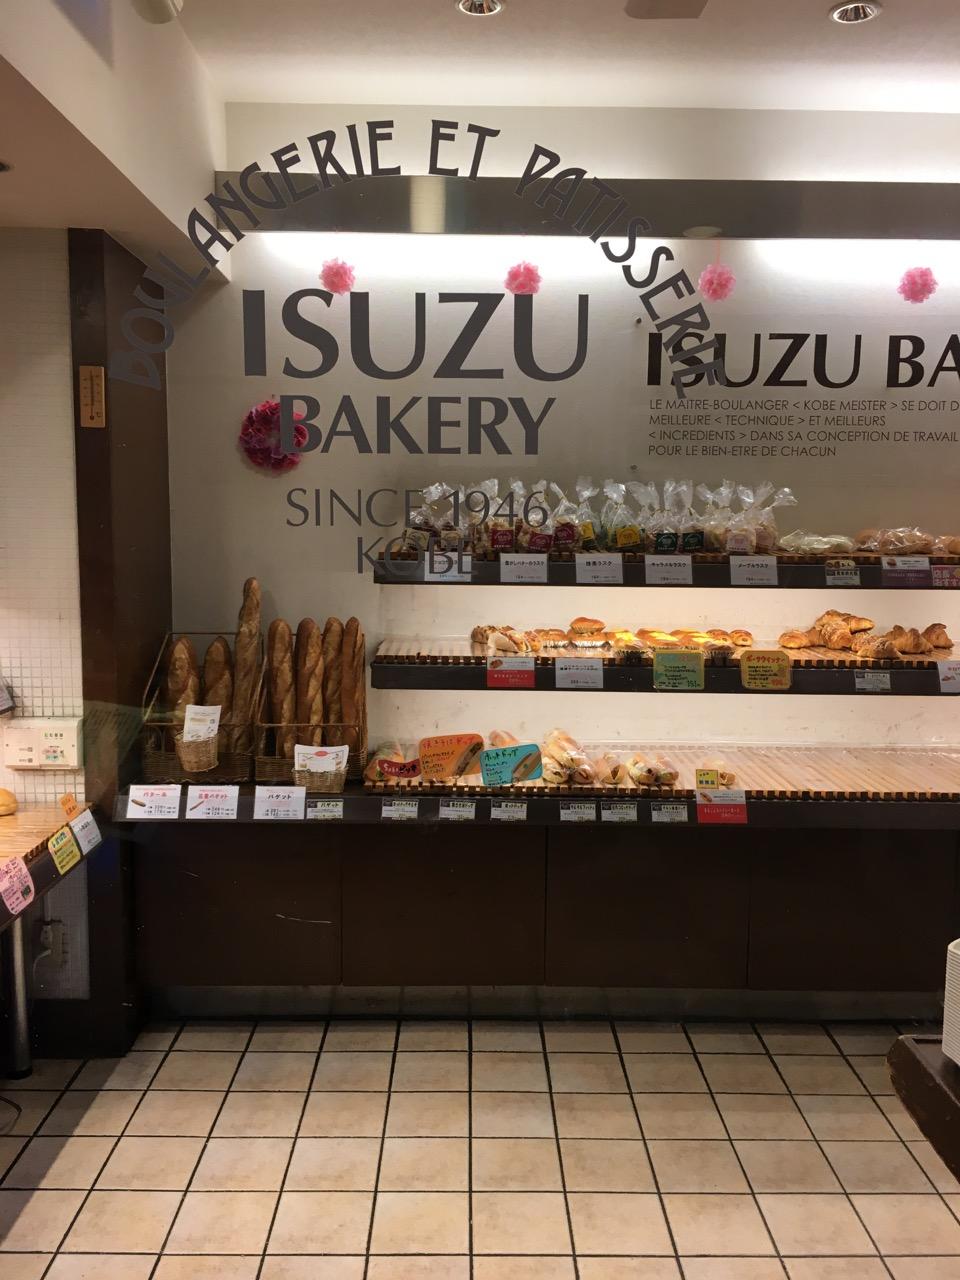 神戸みやげの朝食用パンに!イスズベーカリー 北野坂店